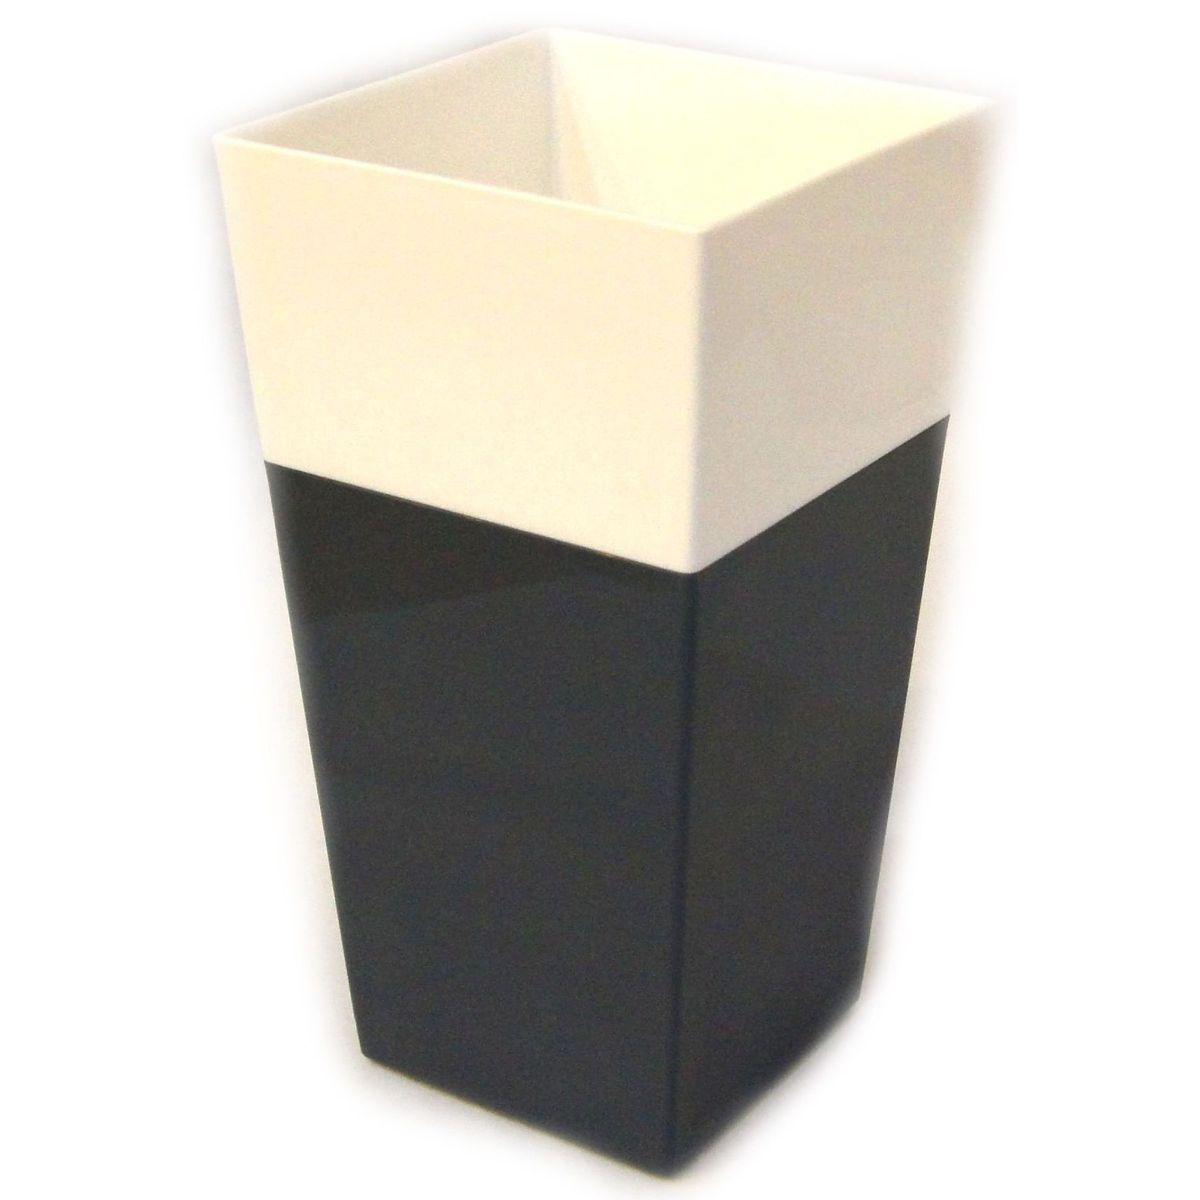 Кашпо JetPlast Дуэт, цвет: антрацит, белый, высота 34 см4612754052608Кашпо имеет строгий дизайн и состоит из двух частей: верхней части для цветка и нижней – поддона. Конструкция горшка позволяет, при желании, использовать систему фитильного полива, снабдив горшок веревкой. Оно изготовлено из прочного полипропилена (пластика). Размеры кашпо: 18 x 18 x 34 см.